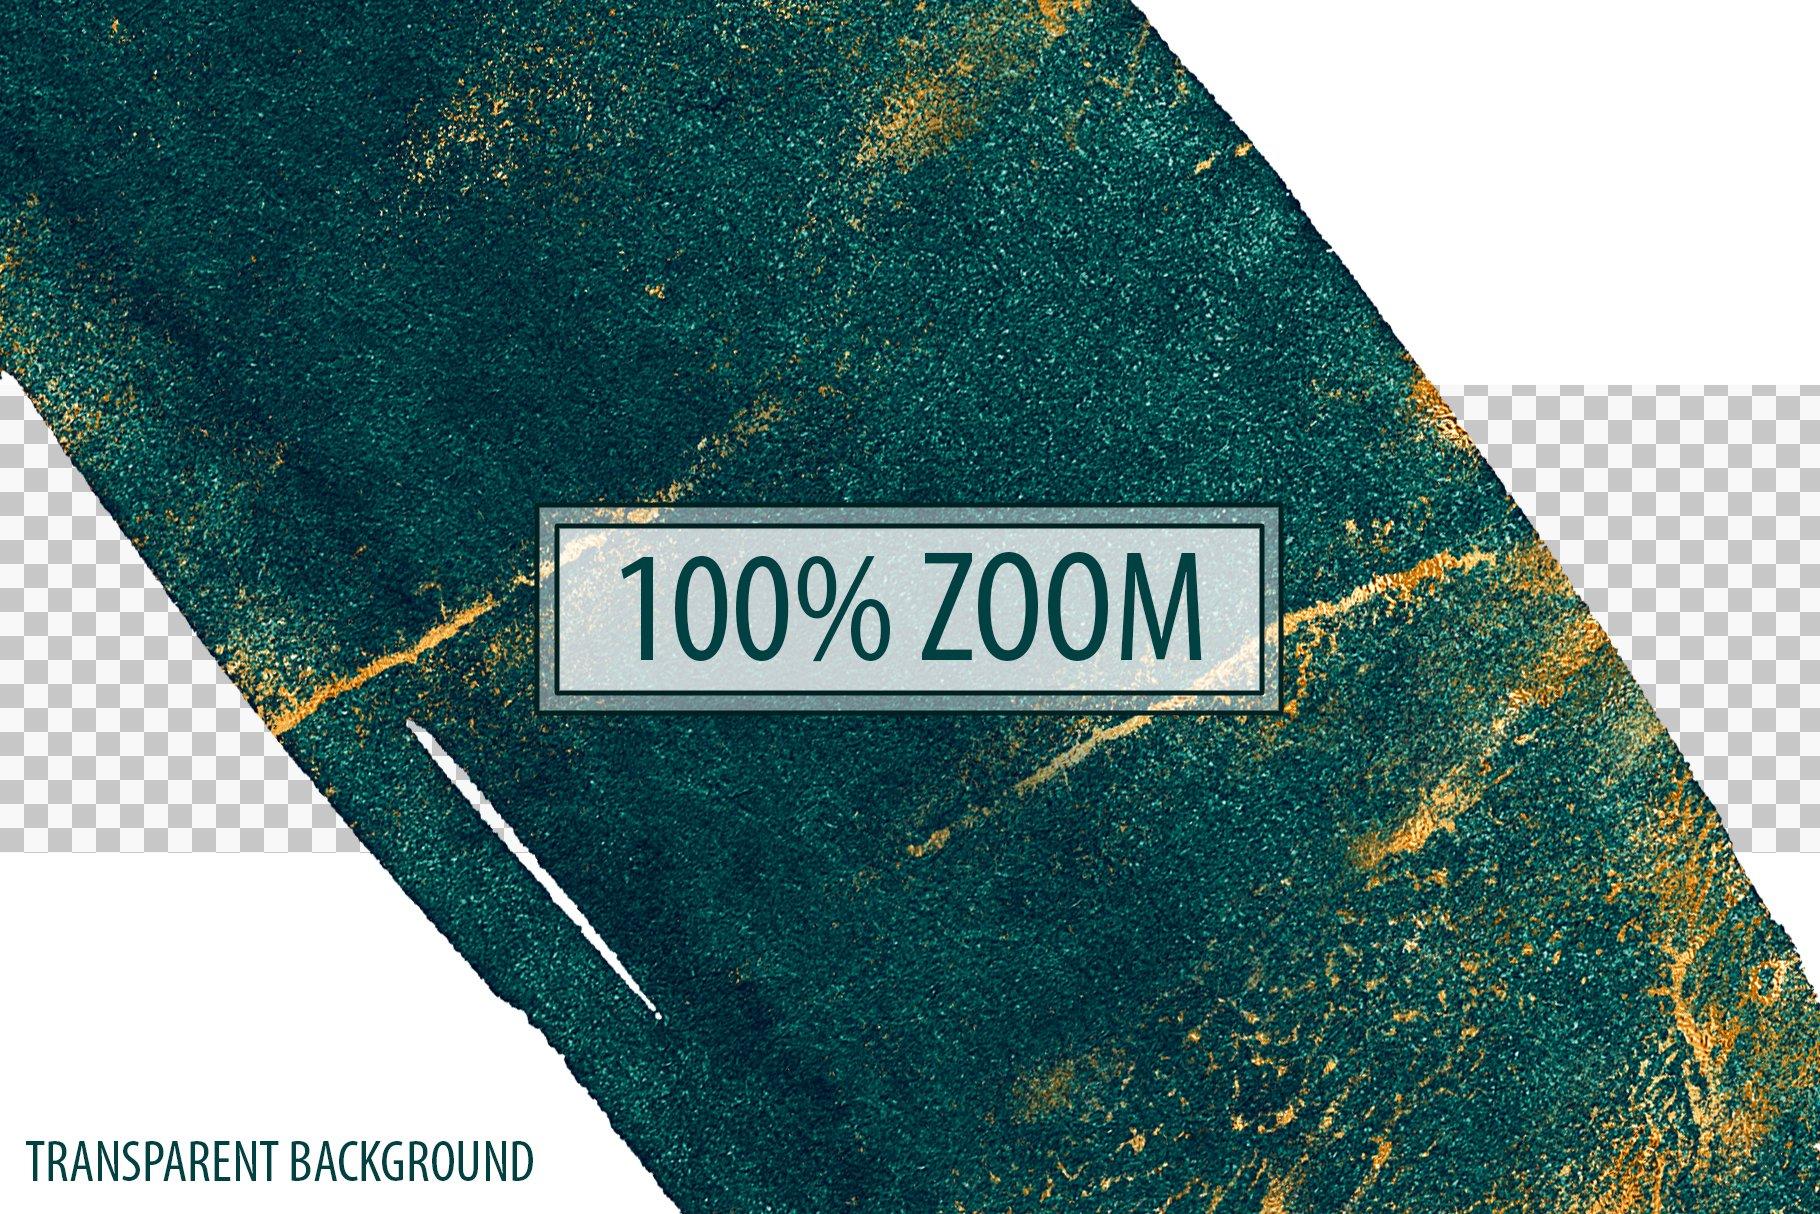 30款奢华翡翠墨绿流金水彩抽象艺术装饰背景底纹图片素材 Seamless Watercolor Backgrounds插图23